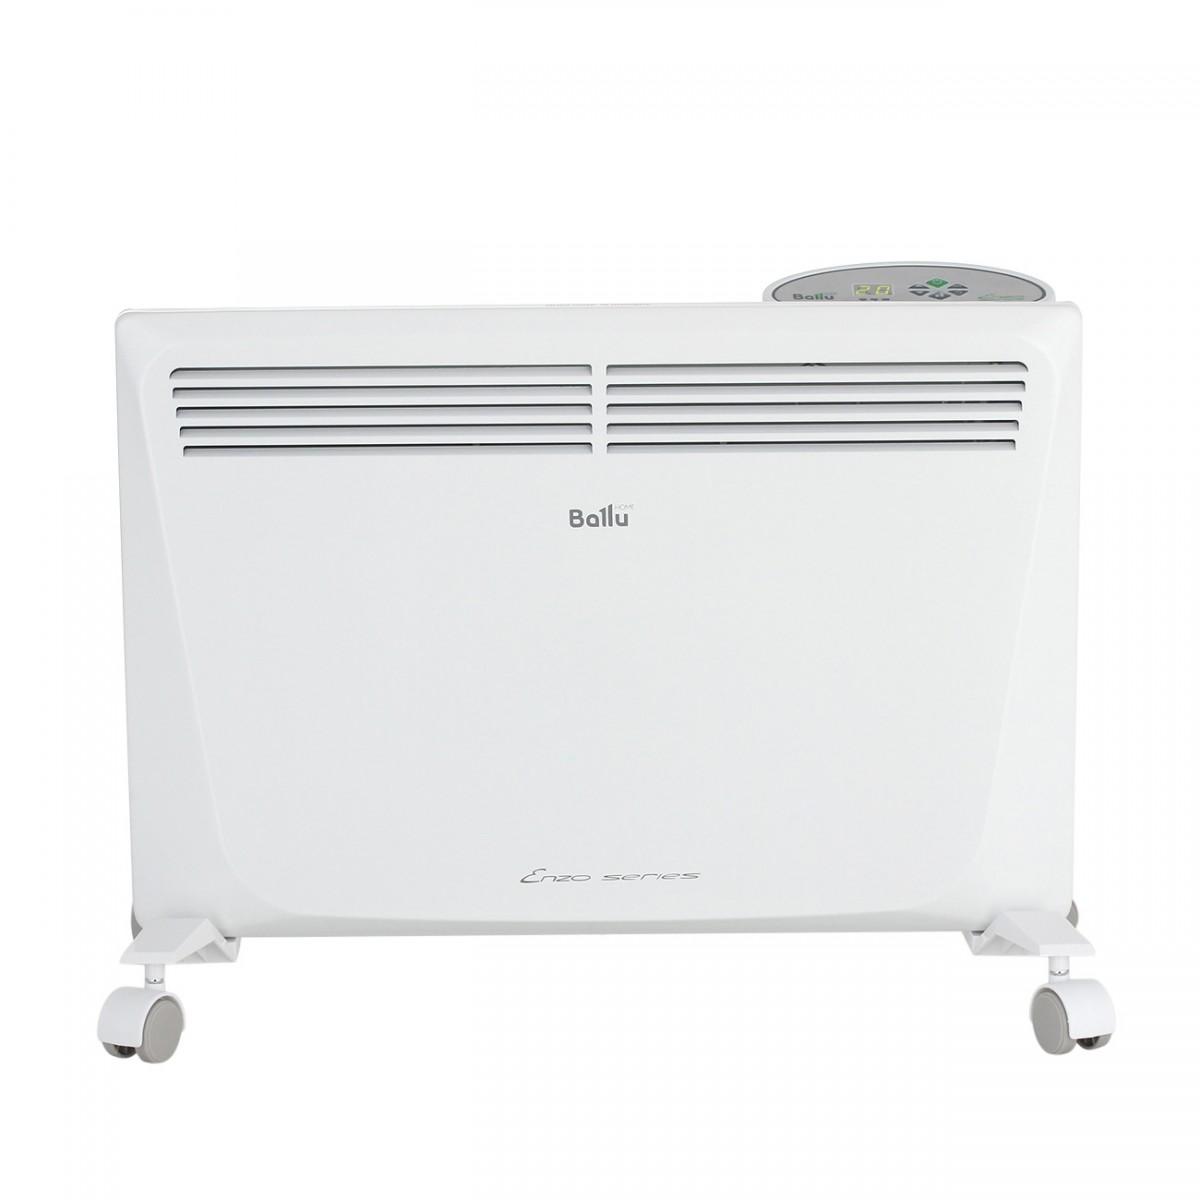 BALLU BEC-EZER-1500